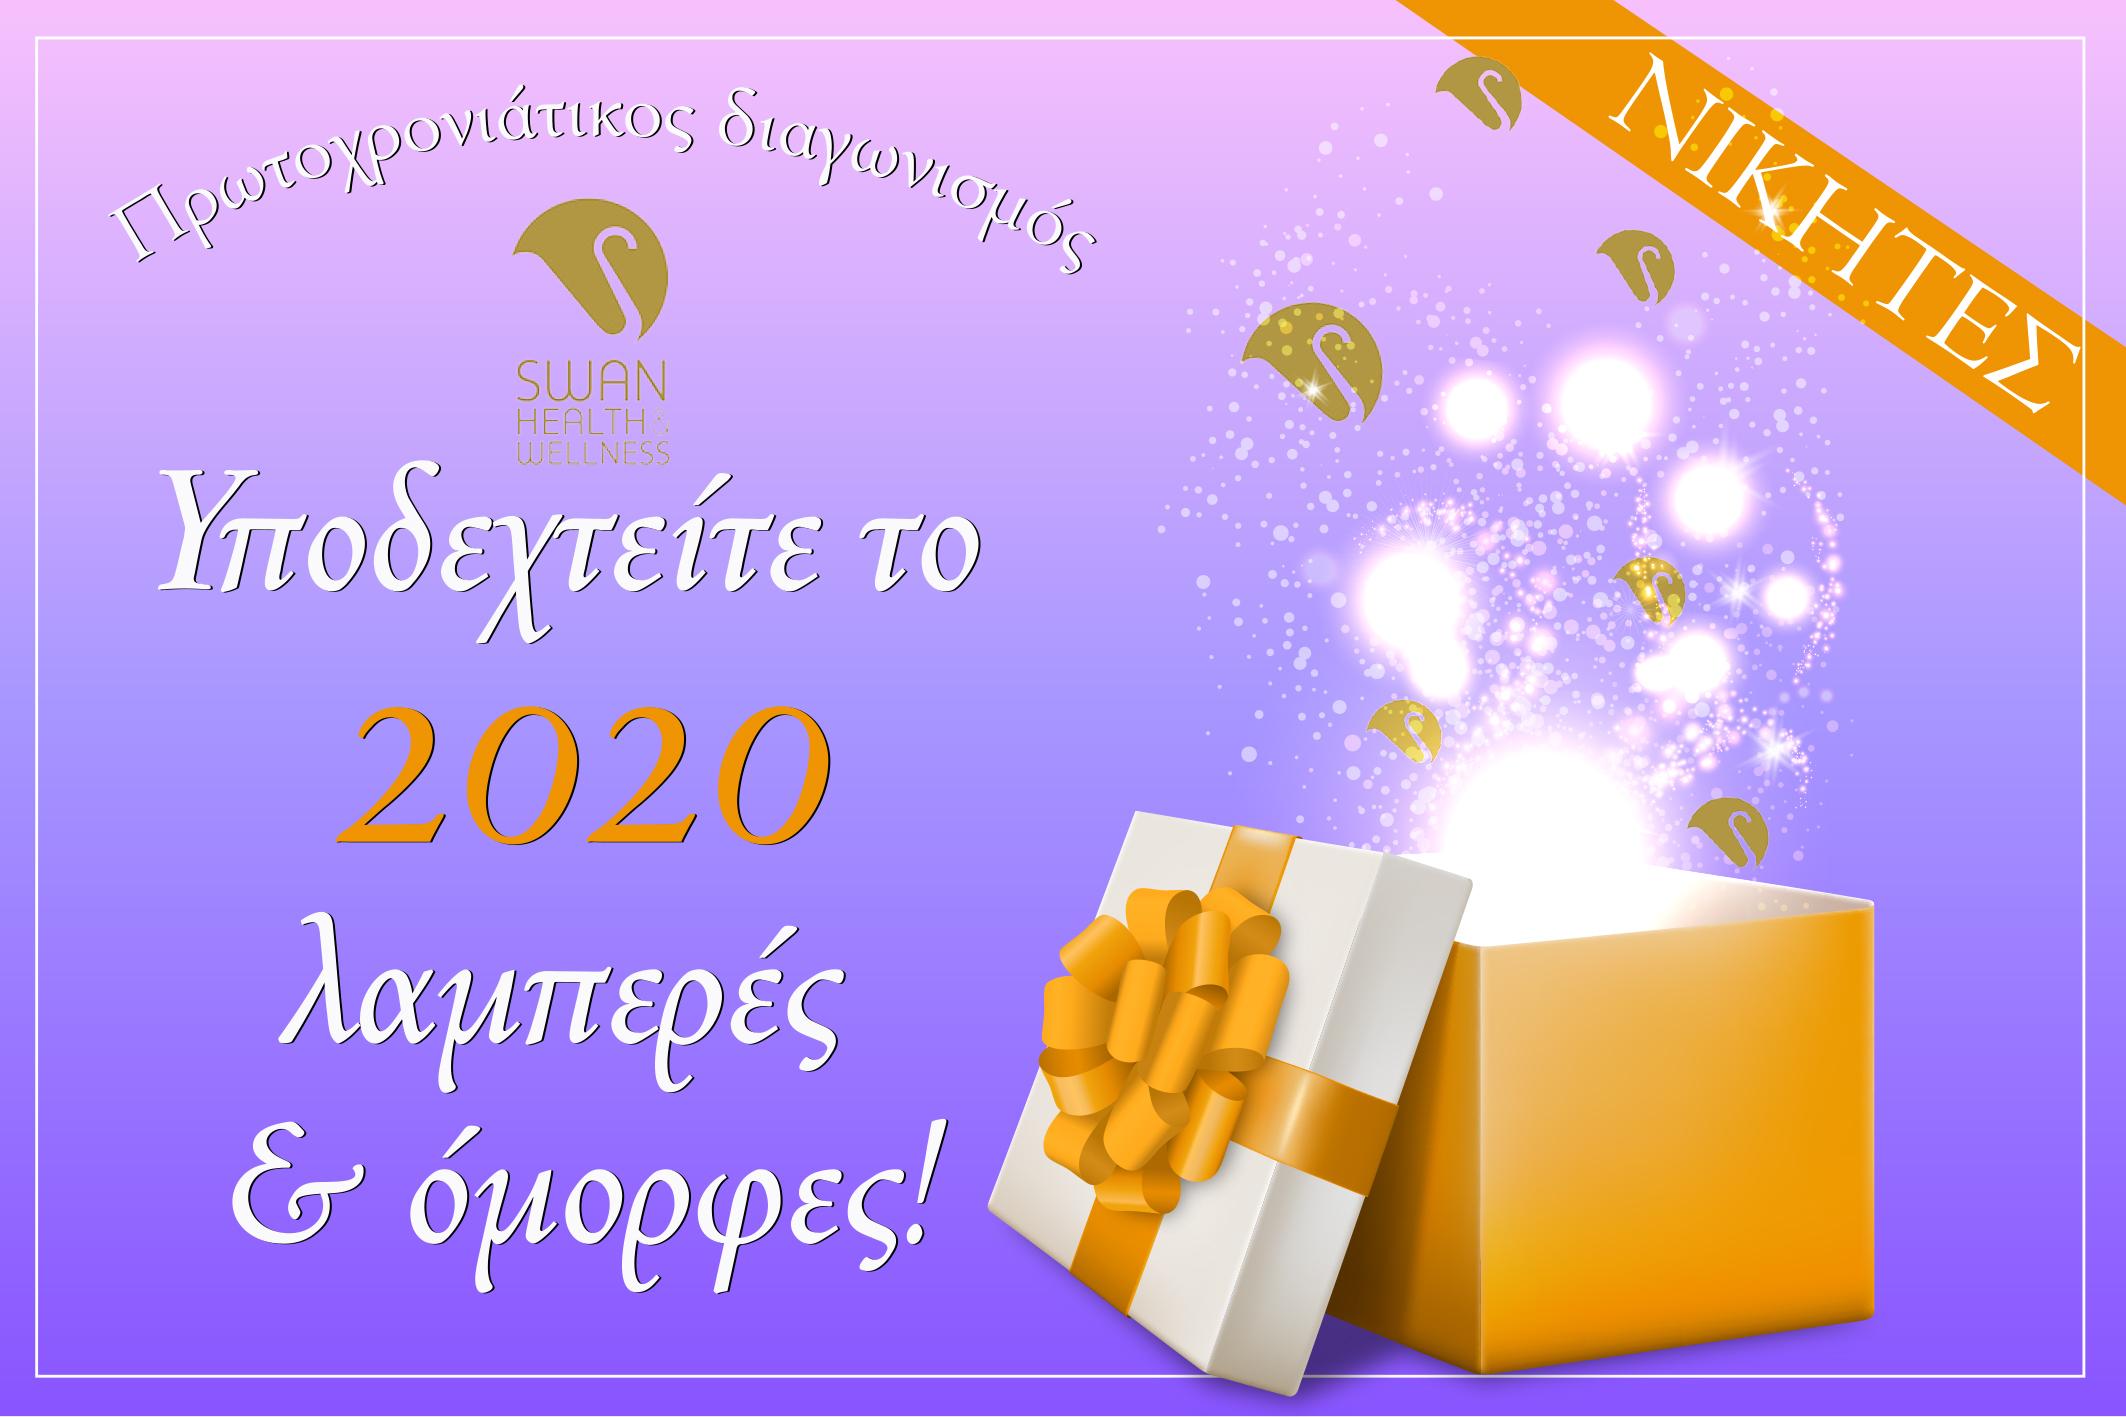 ΠΟΙΑ ΥΠΟΔΕΧΕΤΑΙ ΤΟ 2020 ΜΕ ΛΑΜΨΗ & ΟΜΟΡΦΙΑ;